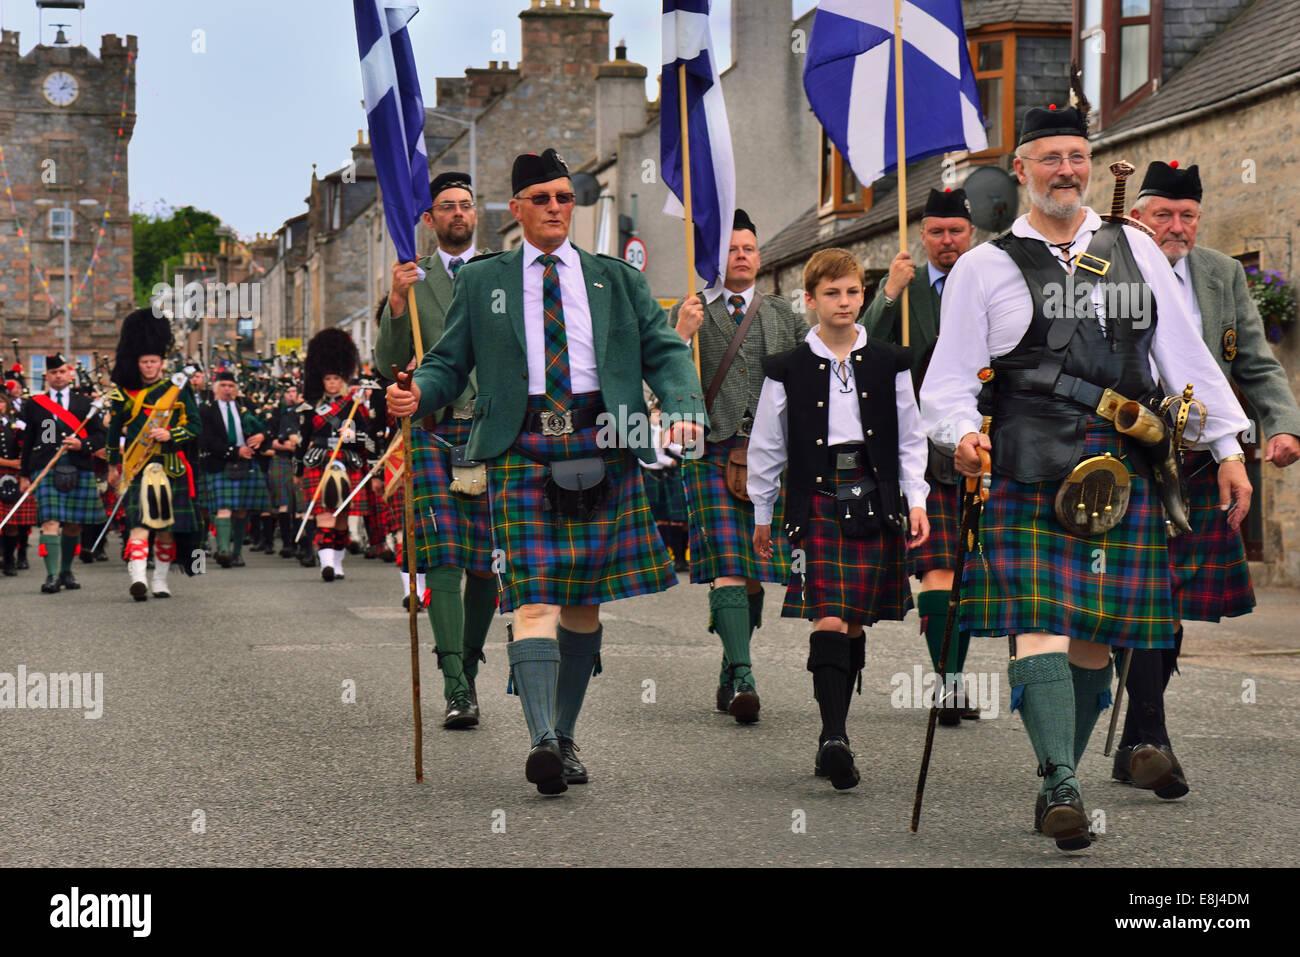 Dignitari della città portando la sfilata delle bande di cornamuse, Dufftown, murene, Highlands, Scotland, Immagini Stock